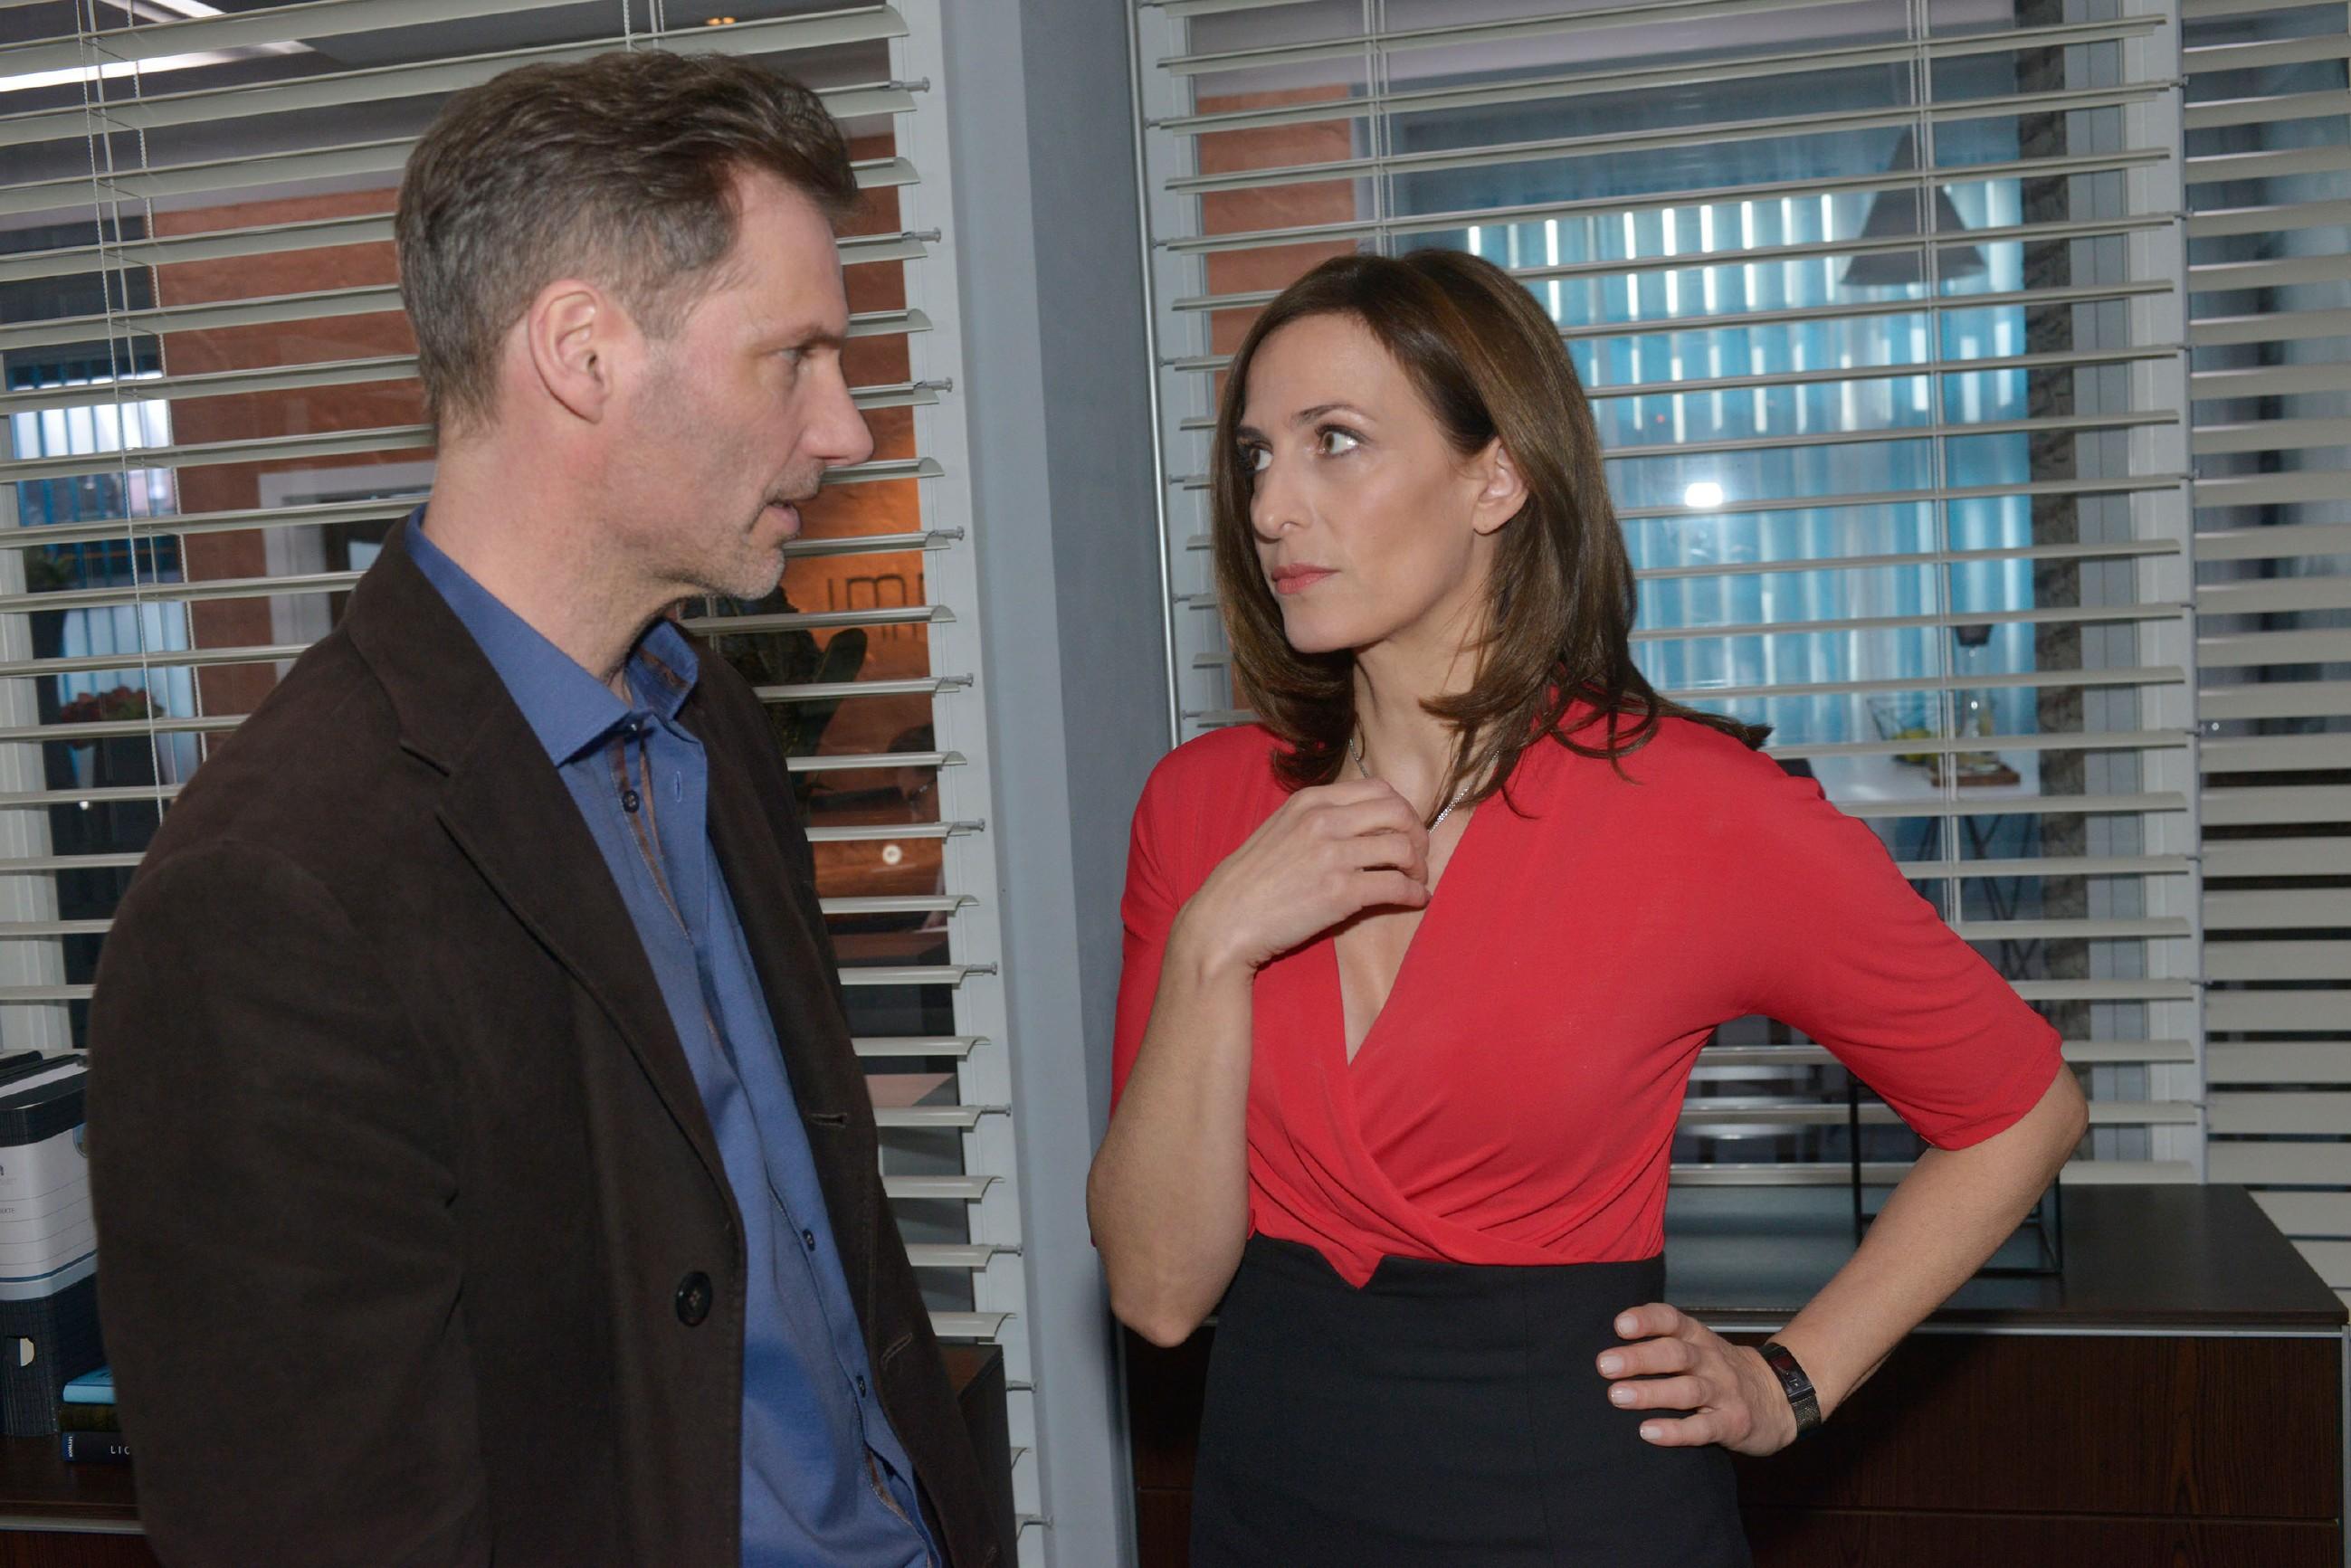 In der Hoffnung, dass Katrin (Ulrike Frank) Gerner beeinflussen kann, weiht Alexander (Clemens Löhr) sie in die schockierende Erpressung ein, muss aber erfahren, dass es zu spät ist: Gerner hat das Geständnis von Maren schon eingereicht... (Quelle: RTL / Rolf Baumgartner)